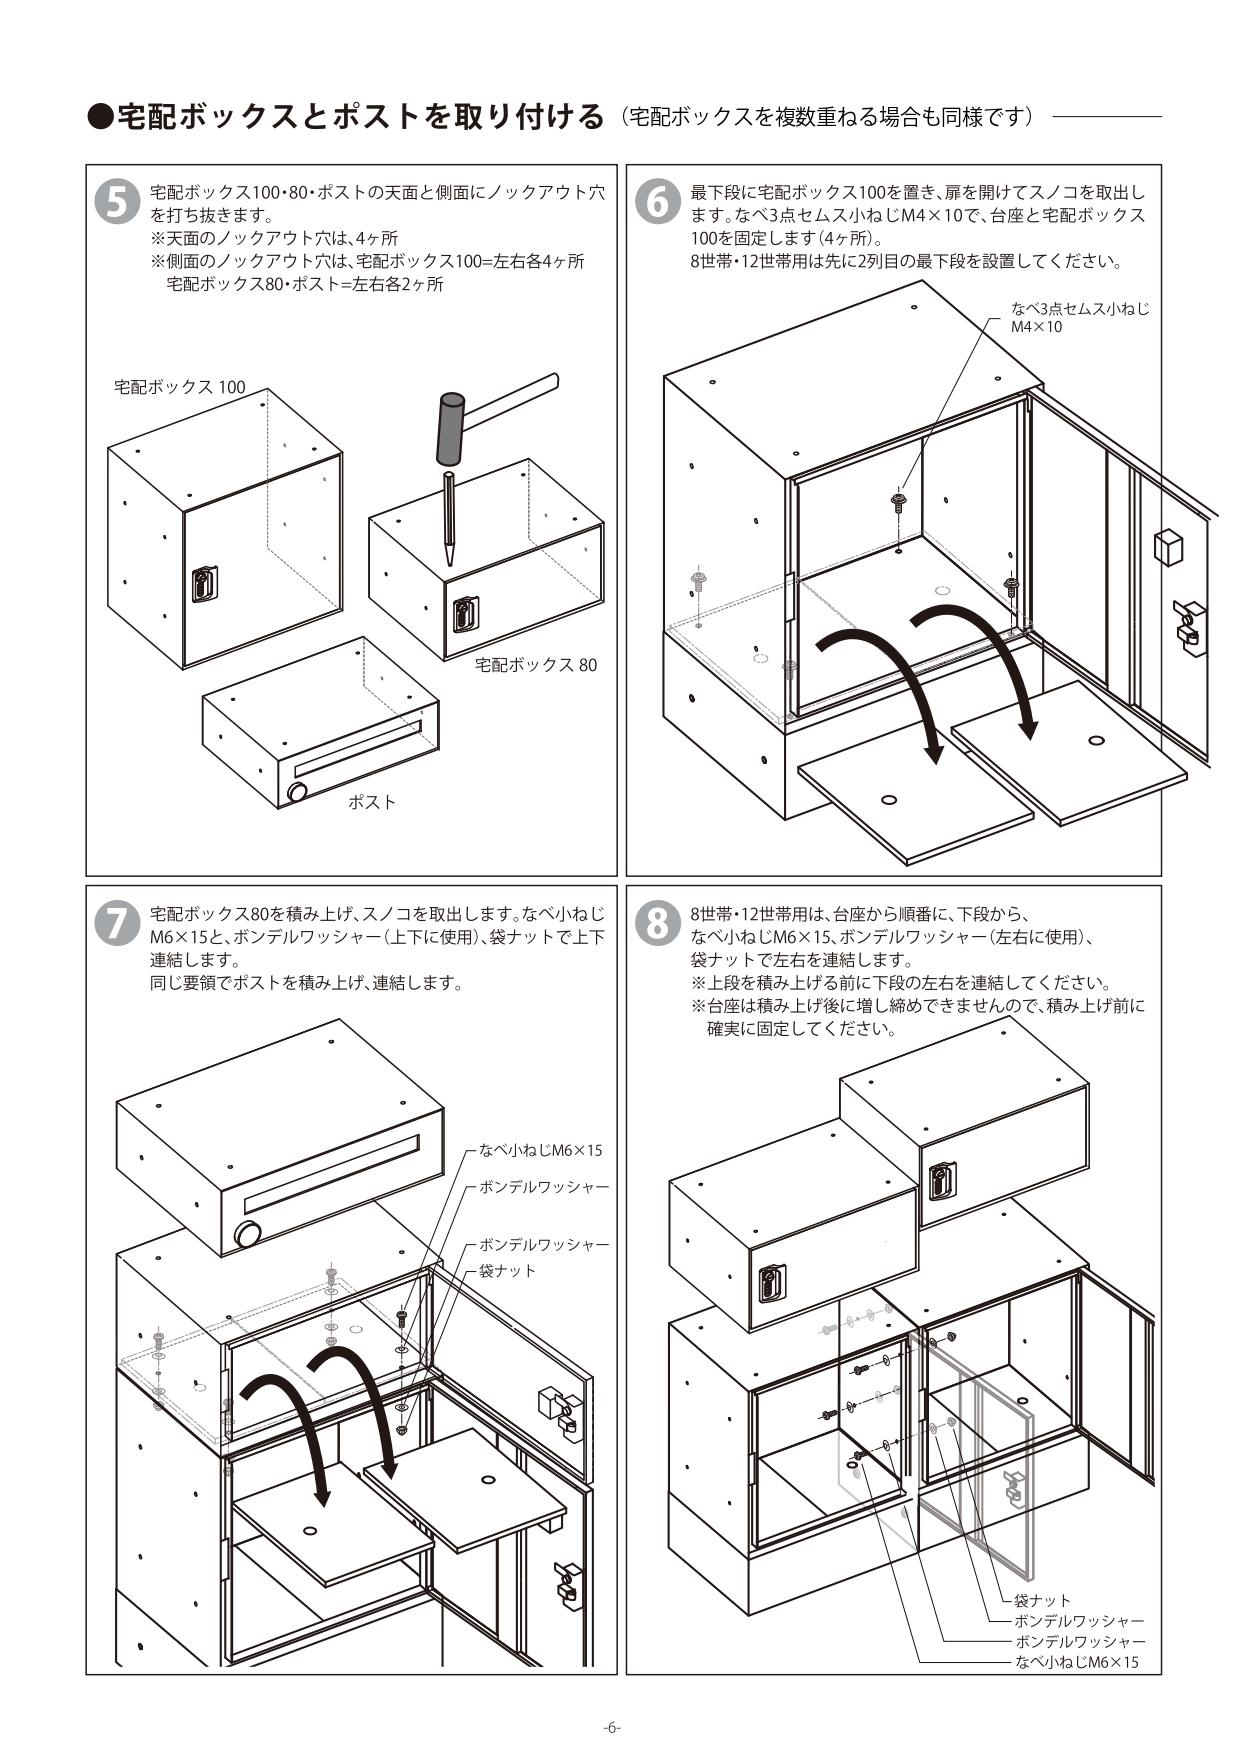 フロリア_取扱説明書_page-0016